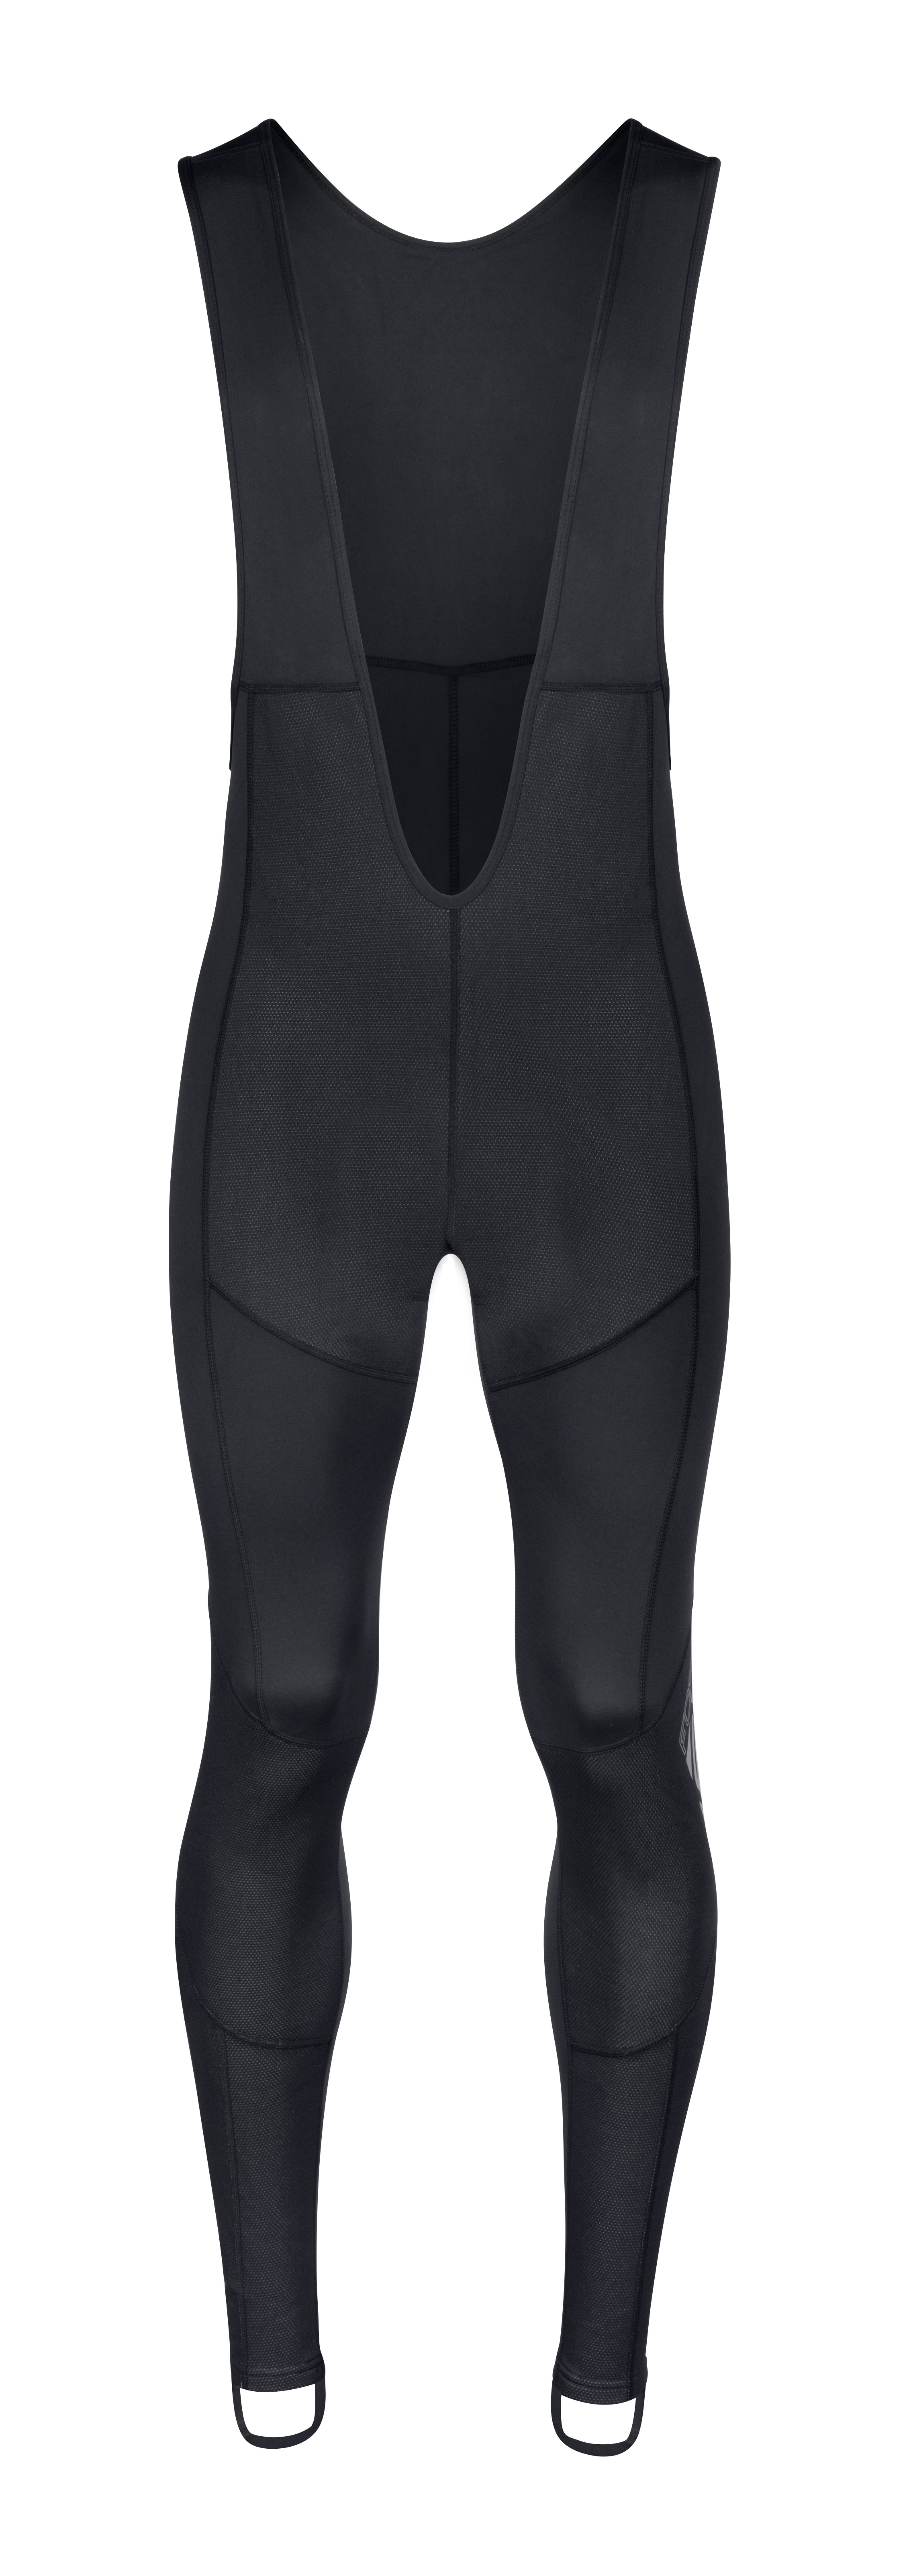 kalhoty FORCE WINDSTER Z68 PRO se šráky bez vložky, XS